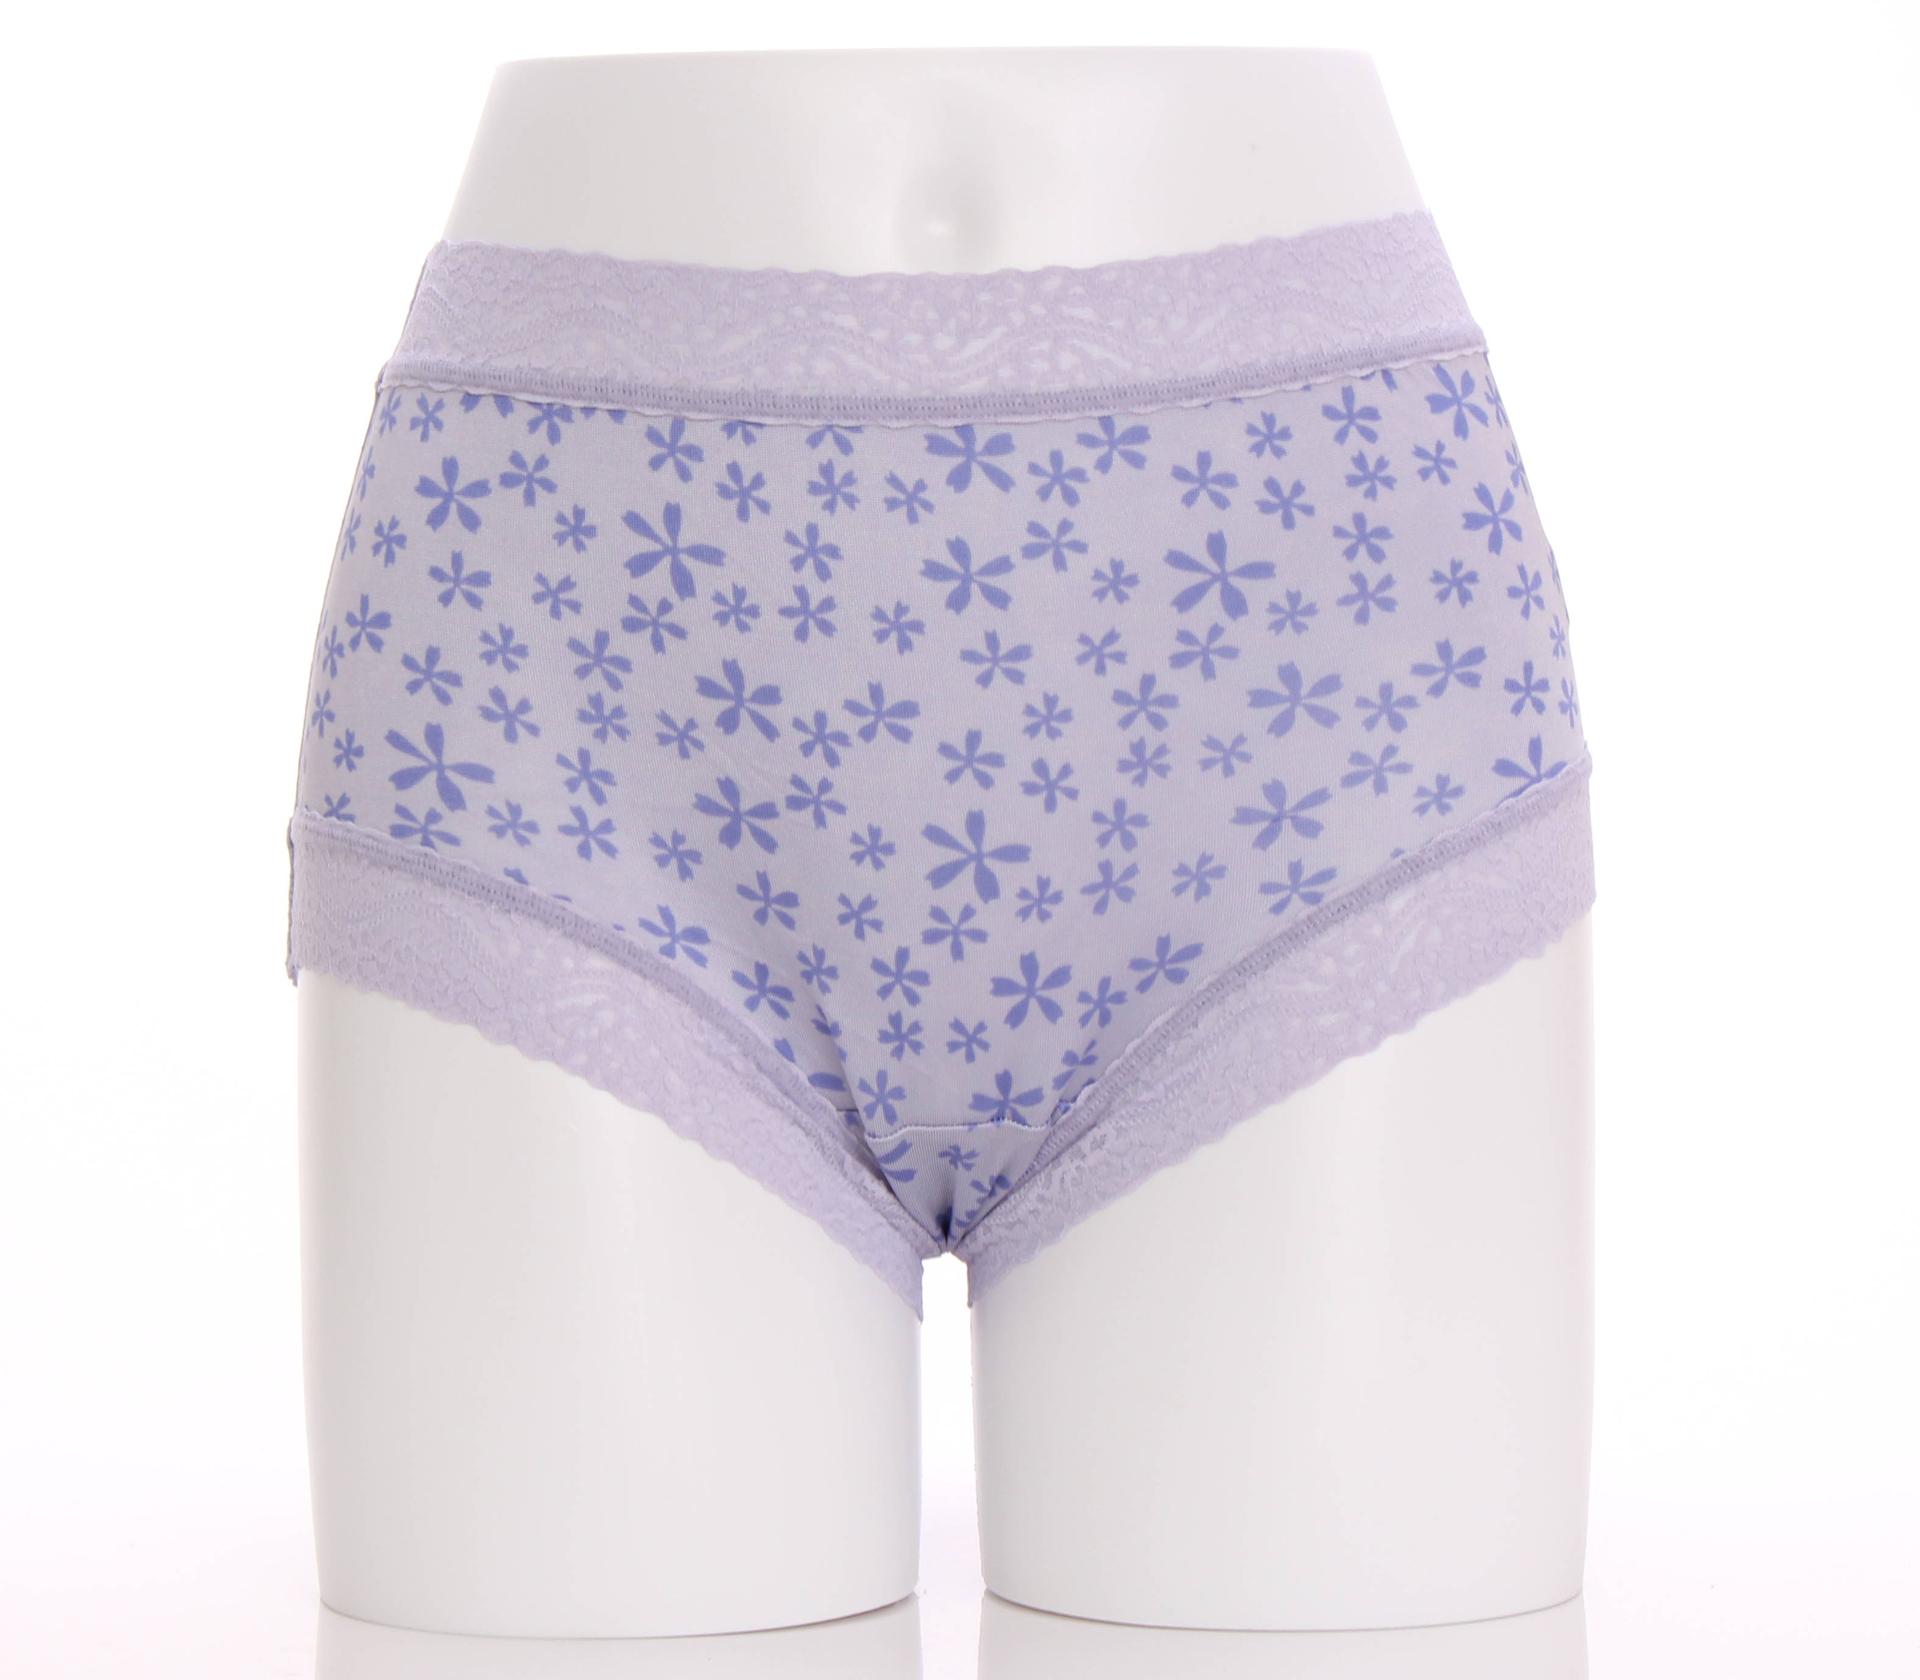 闕蘭絹圓舞曲滿滿五瓣花100%蠶絲內褲-865(紫)